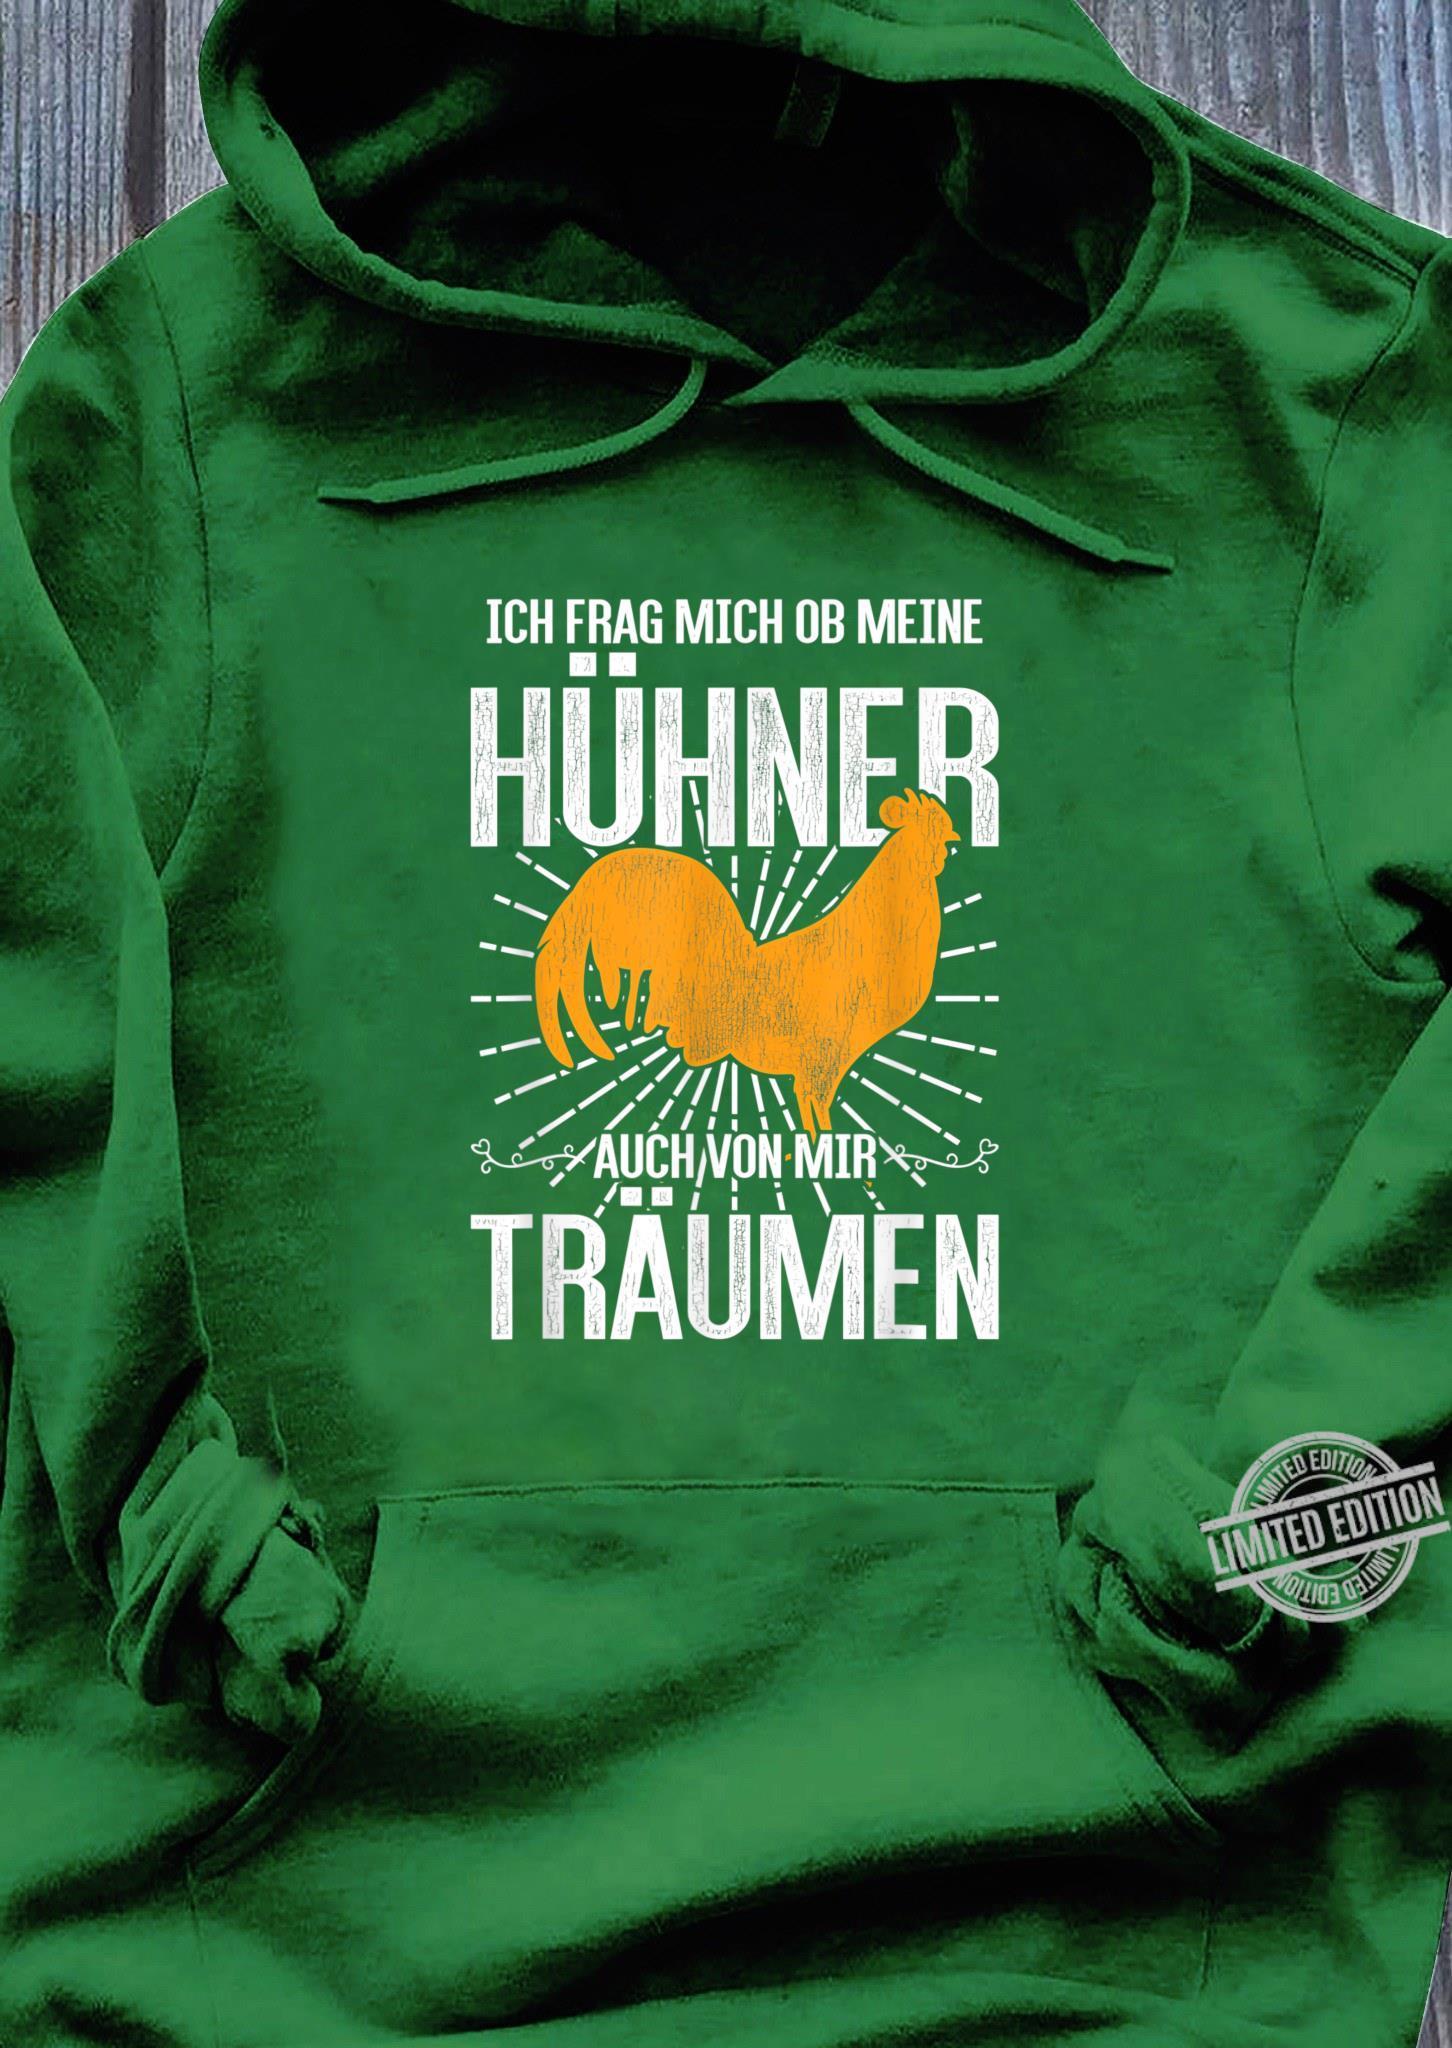 Ich frag mich ob meine Hühner auch von mir träumen Huhn Shirt hoodie